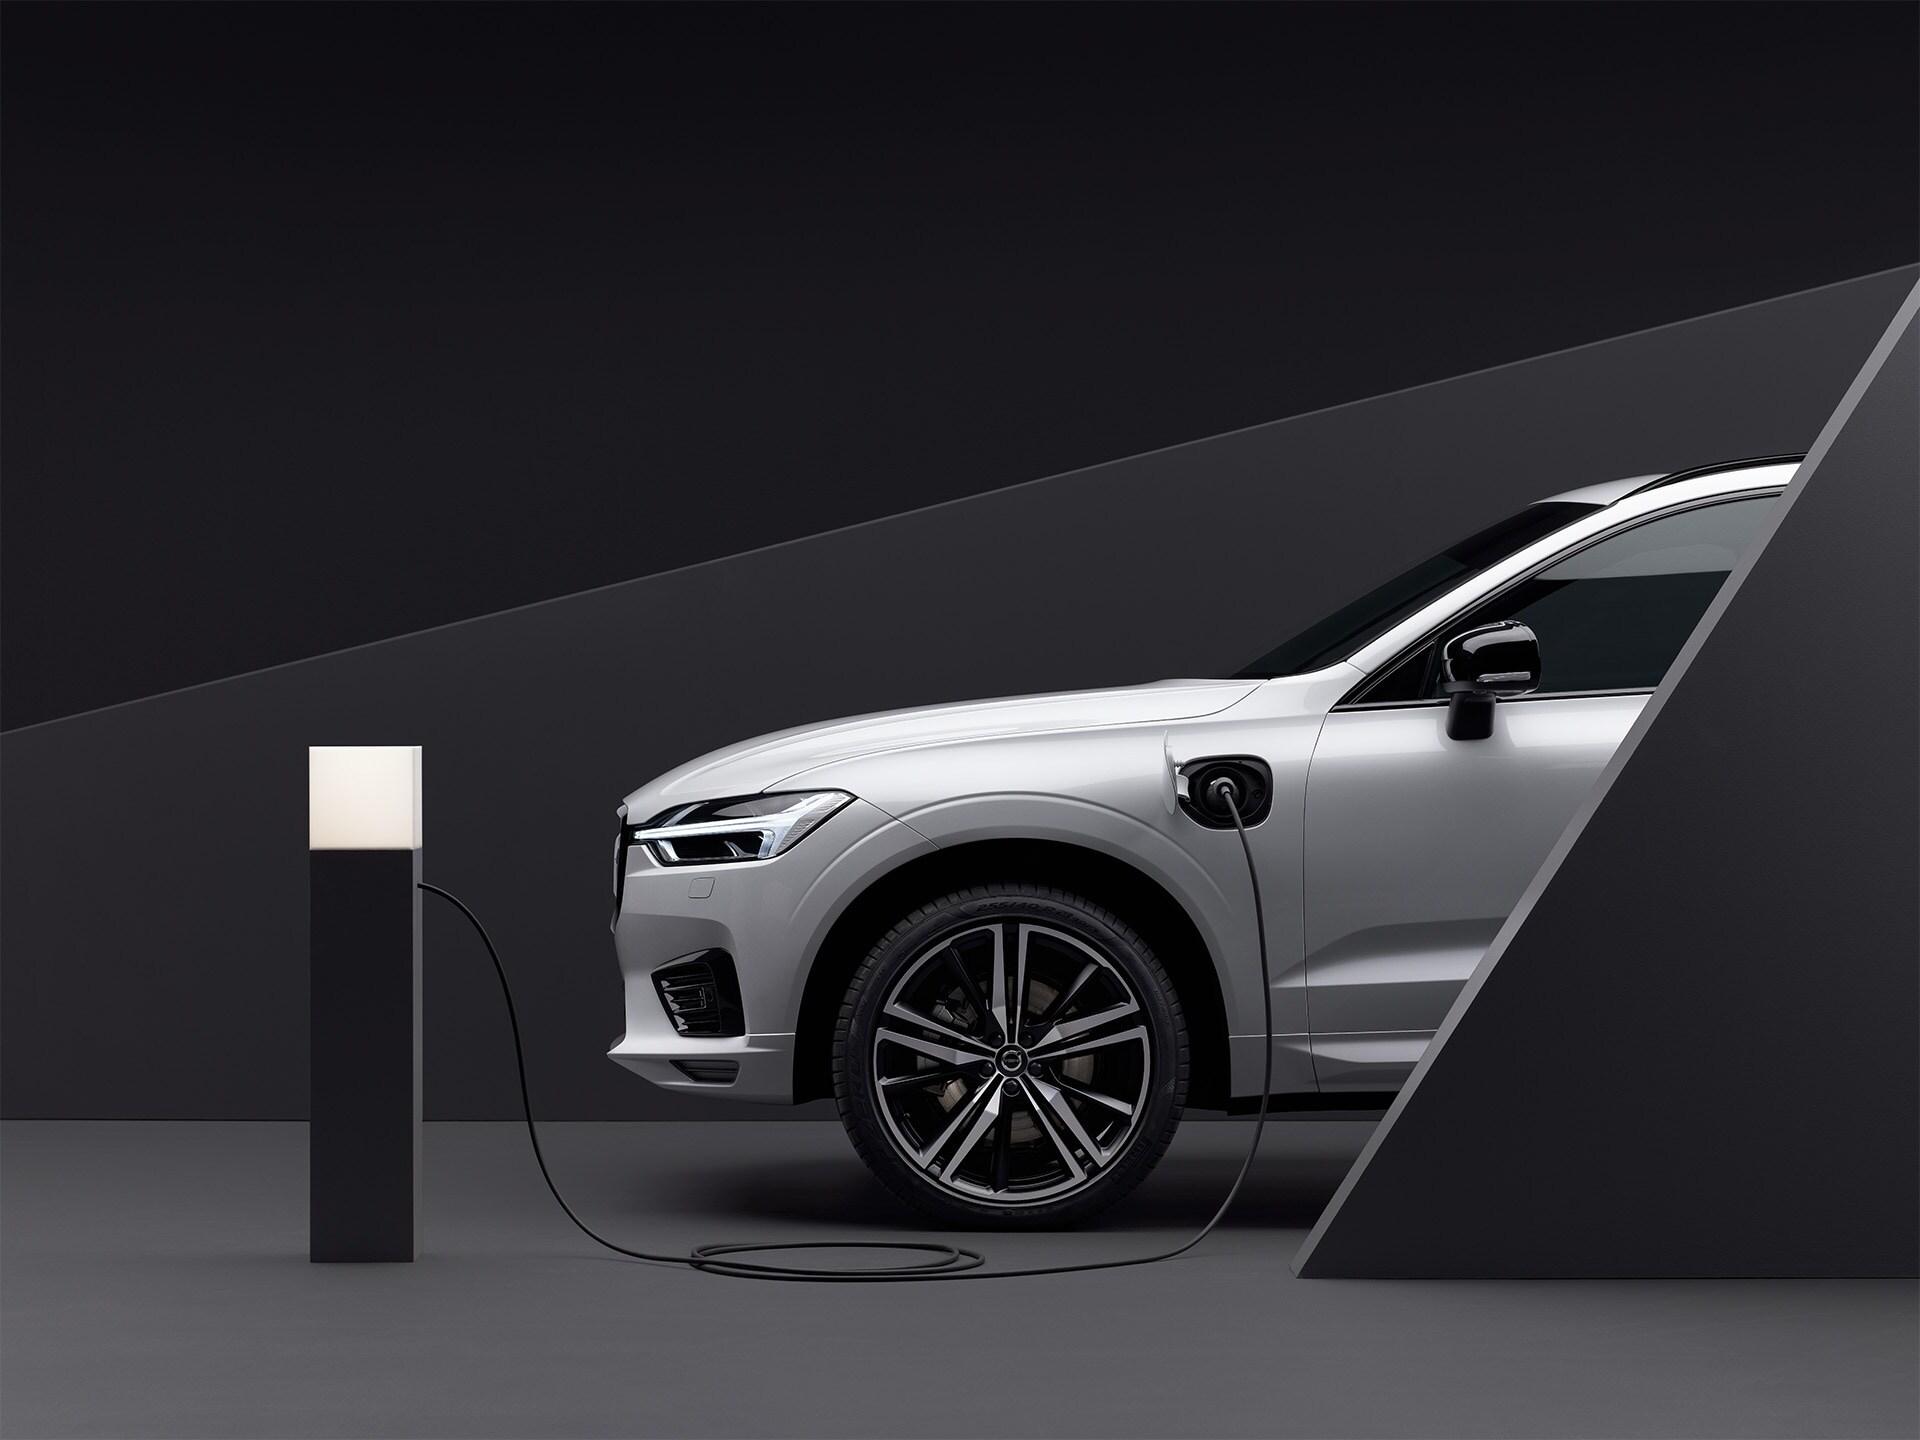 Un Volvo SUV gris luminoso estacionado se conecta a un punto de carga